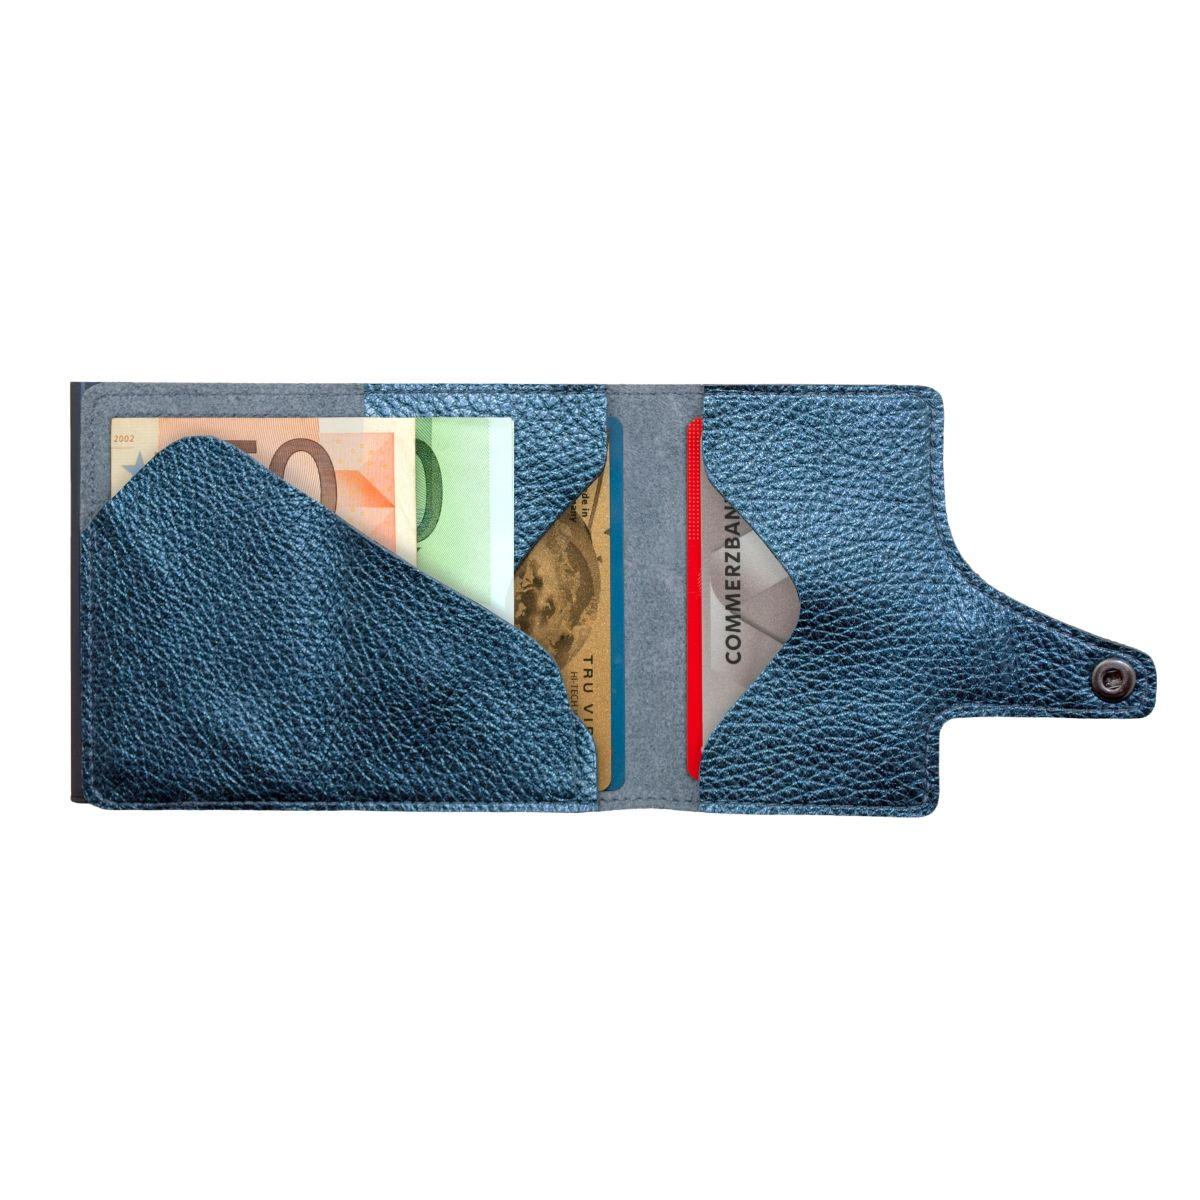 TRU VIRTU Click n Slide Wallet - Navy Metallic Titan